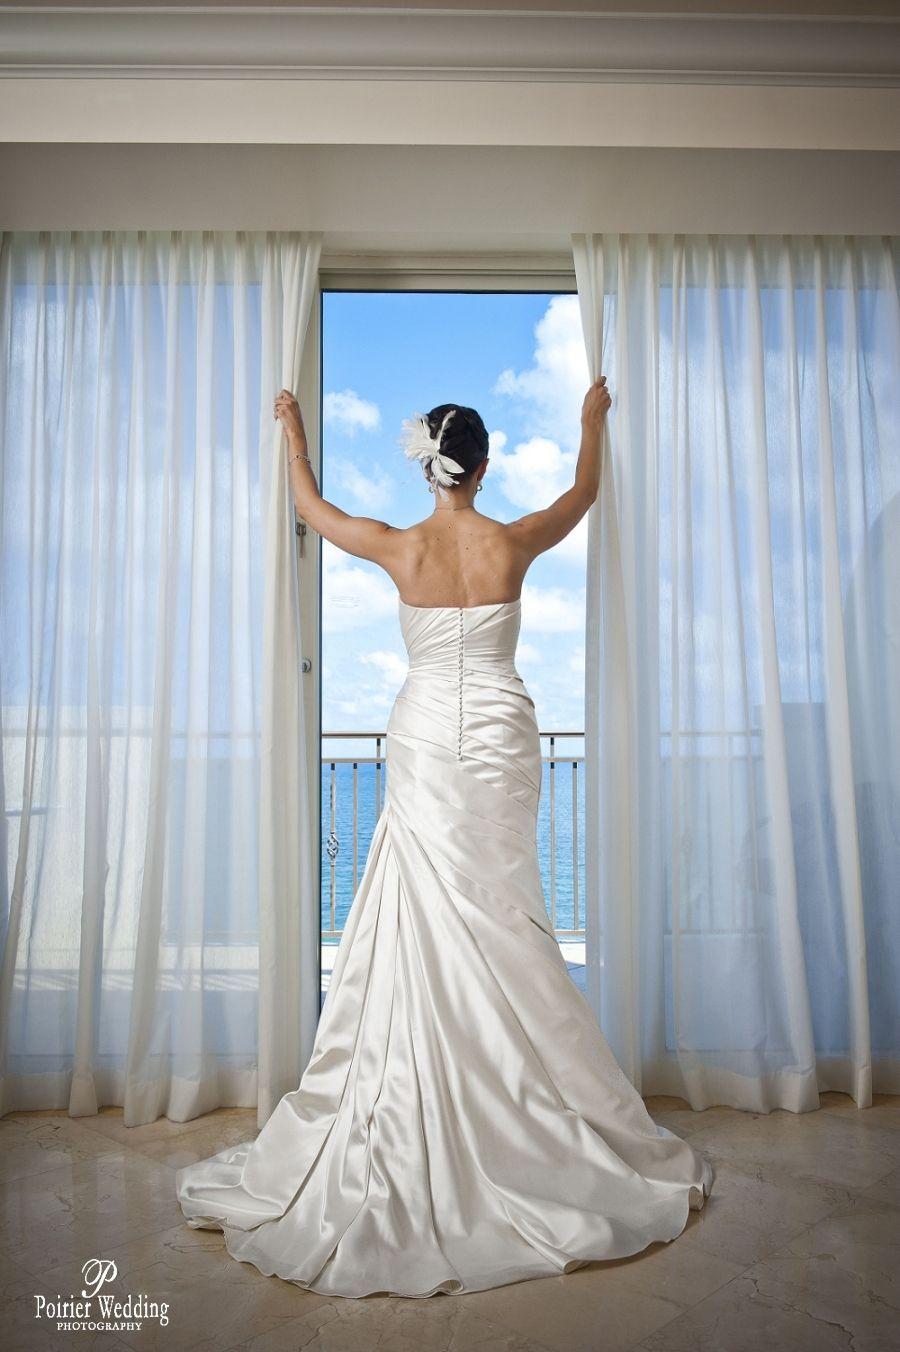 ATLANTIC RESORT & SPA IRISH WEDDING